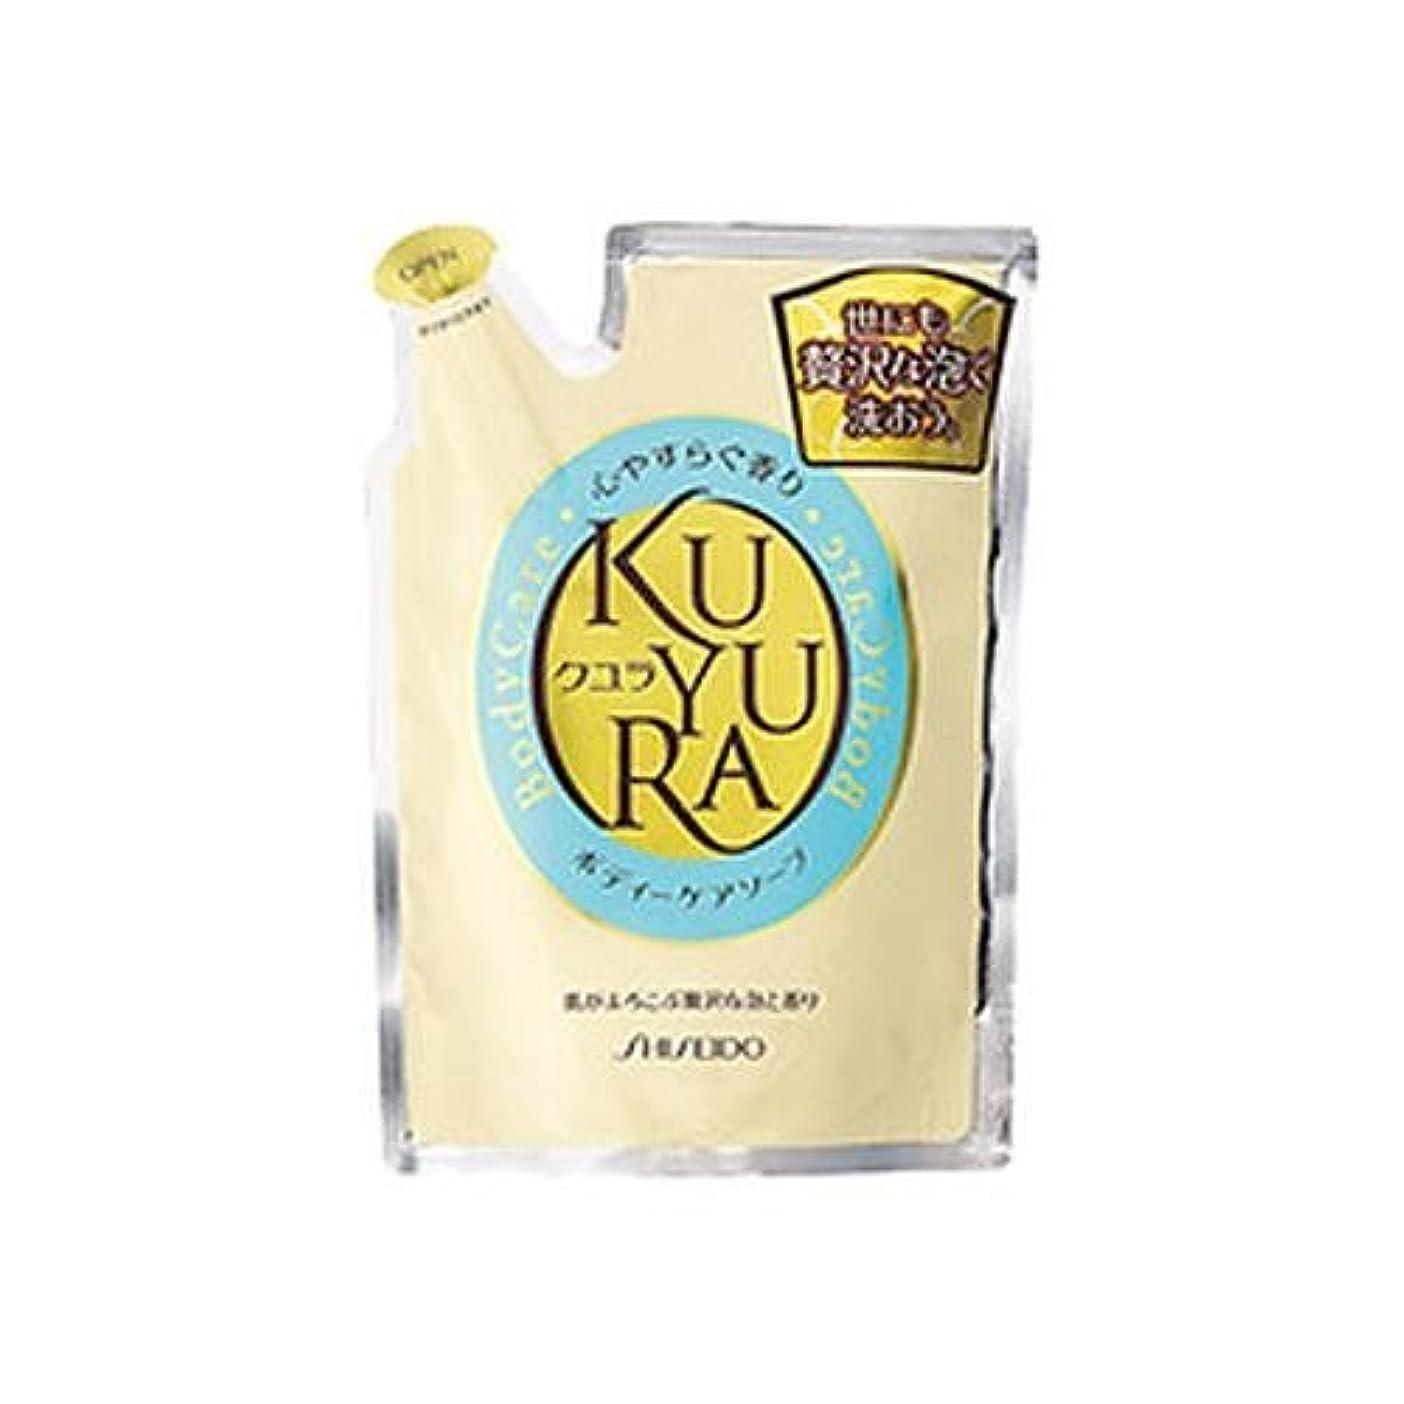 磁器連合王位資生堂 クユラ ボディケアソープ 心やすらぐ香り つめかえ用400ml×18点セット (4901872836260)